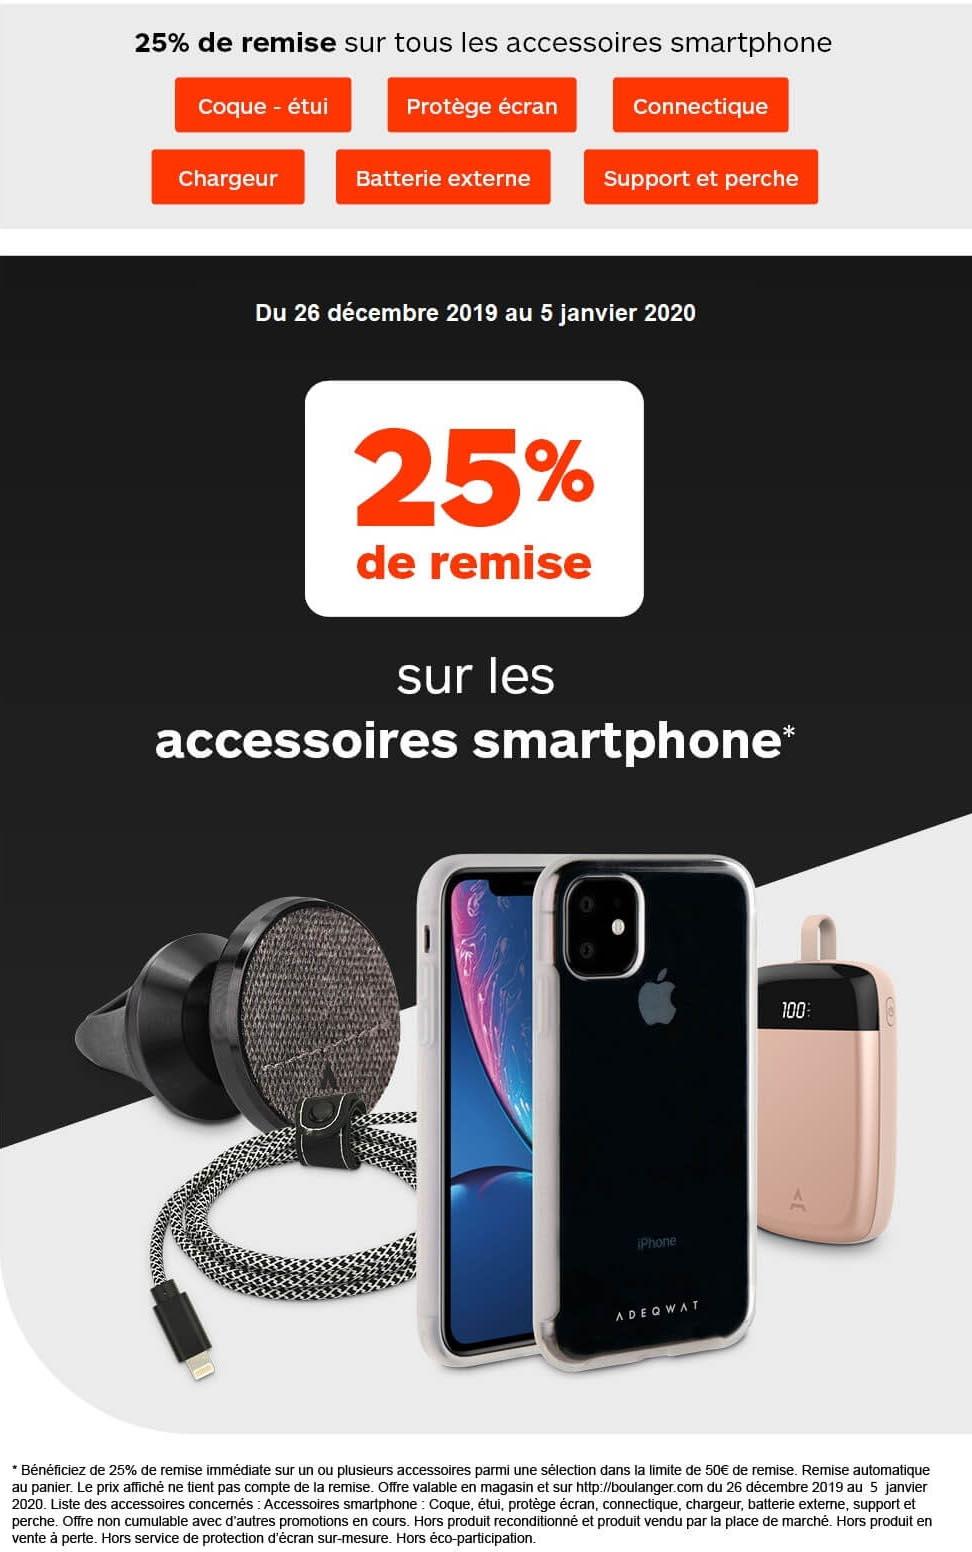 Promo Accessoires iPhone Boulanger